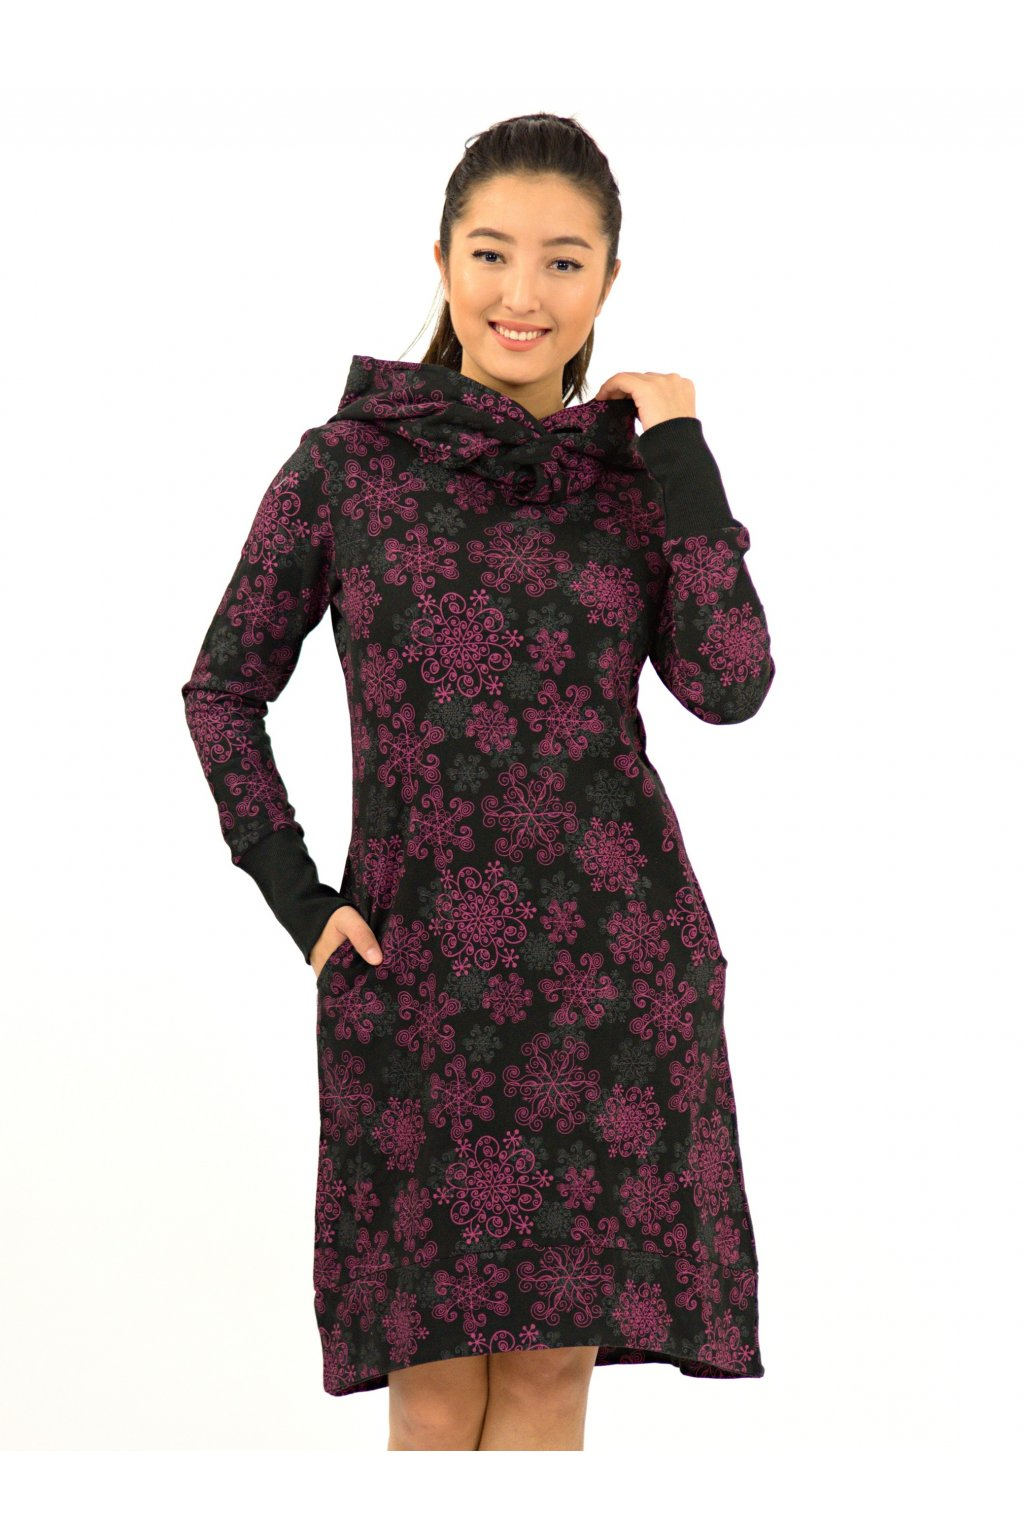 Hřejivá šatomikina Aina s maxi kapucí - černá s růžovou